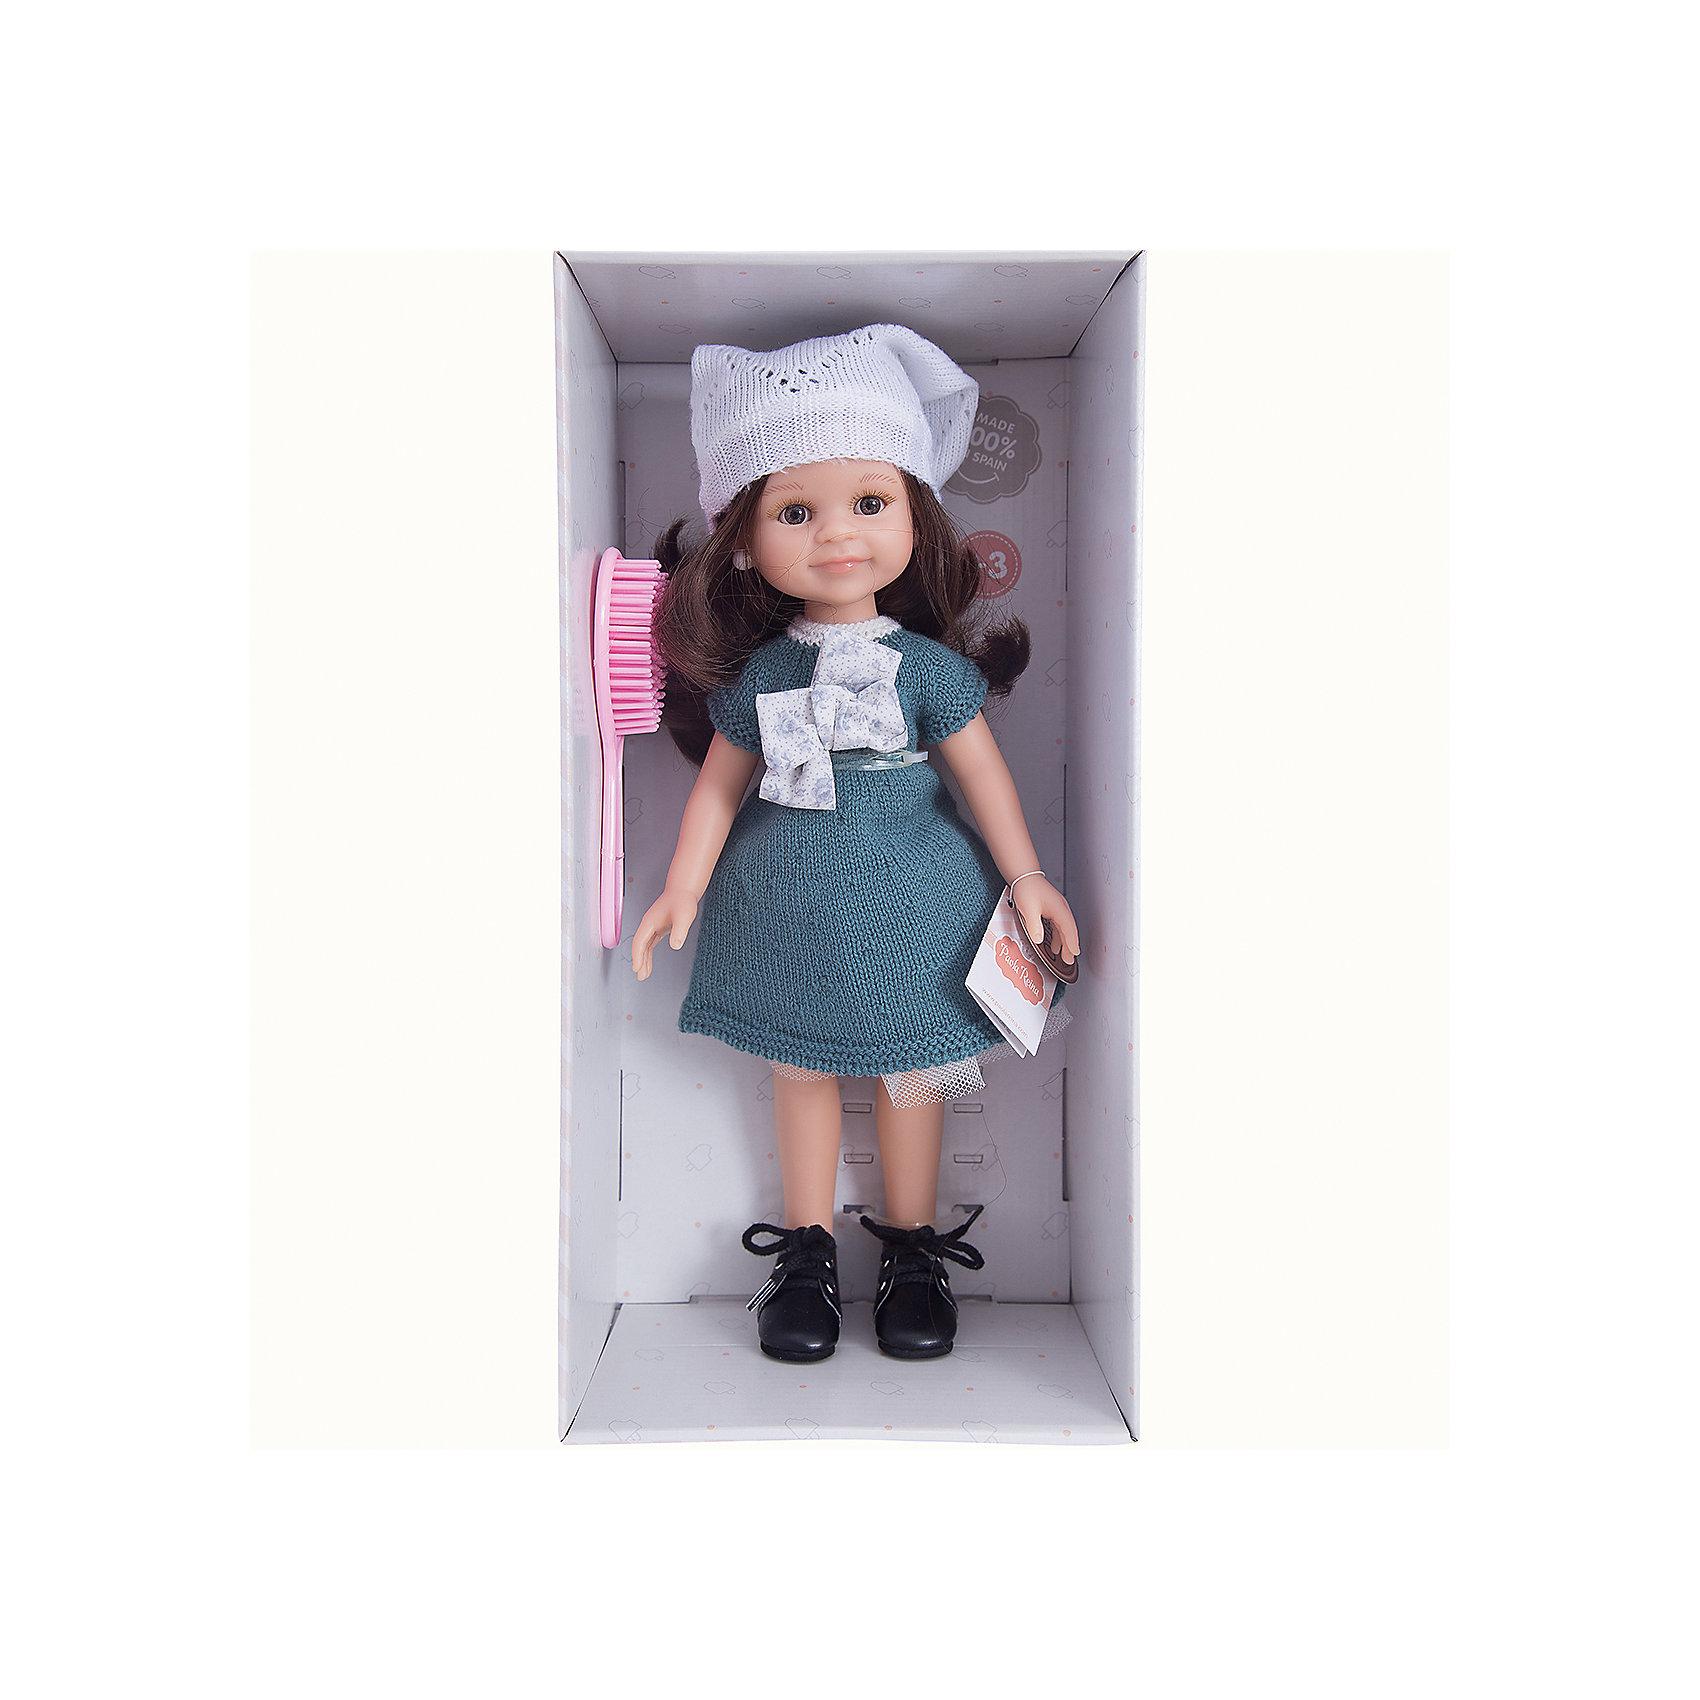 Кукла Клео, 32 см, Paola ReinaКлассические куклы<br><br><br>Ширина мм: 375<br>Глубина мм: 175<br>Высота мм: 105<br>Вес г: 625<br>Возраст от месяцев: 36<br>Возраст до месяцев: 144<br>Пол: Женский<br>Возраст: Детский<br>SKU: 6671053